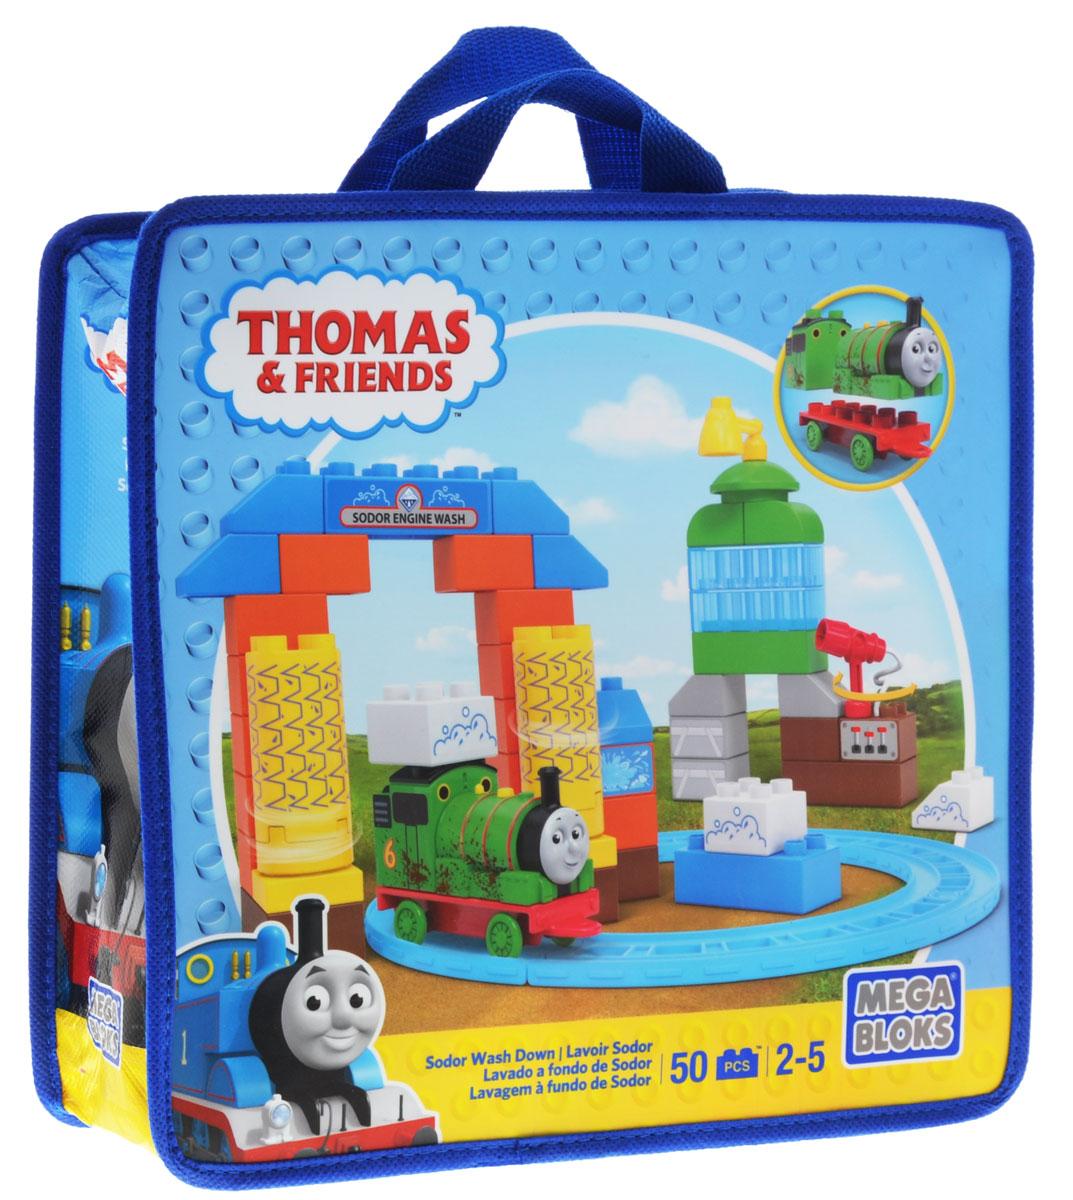 Mega Bloks Томас и друзья Конструктор Мойка на острове Содер